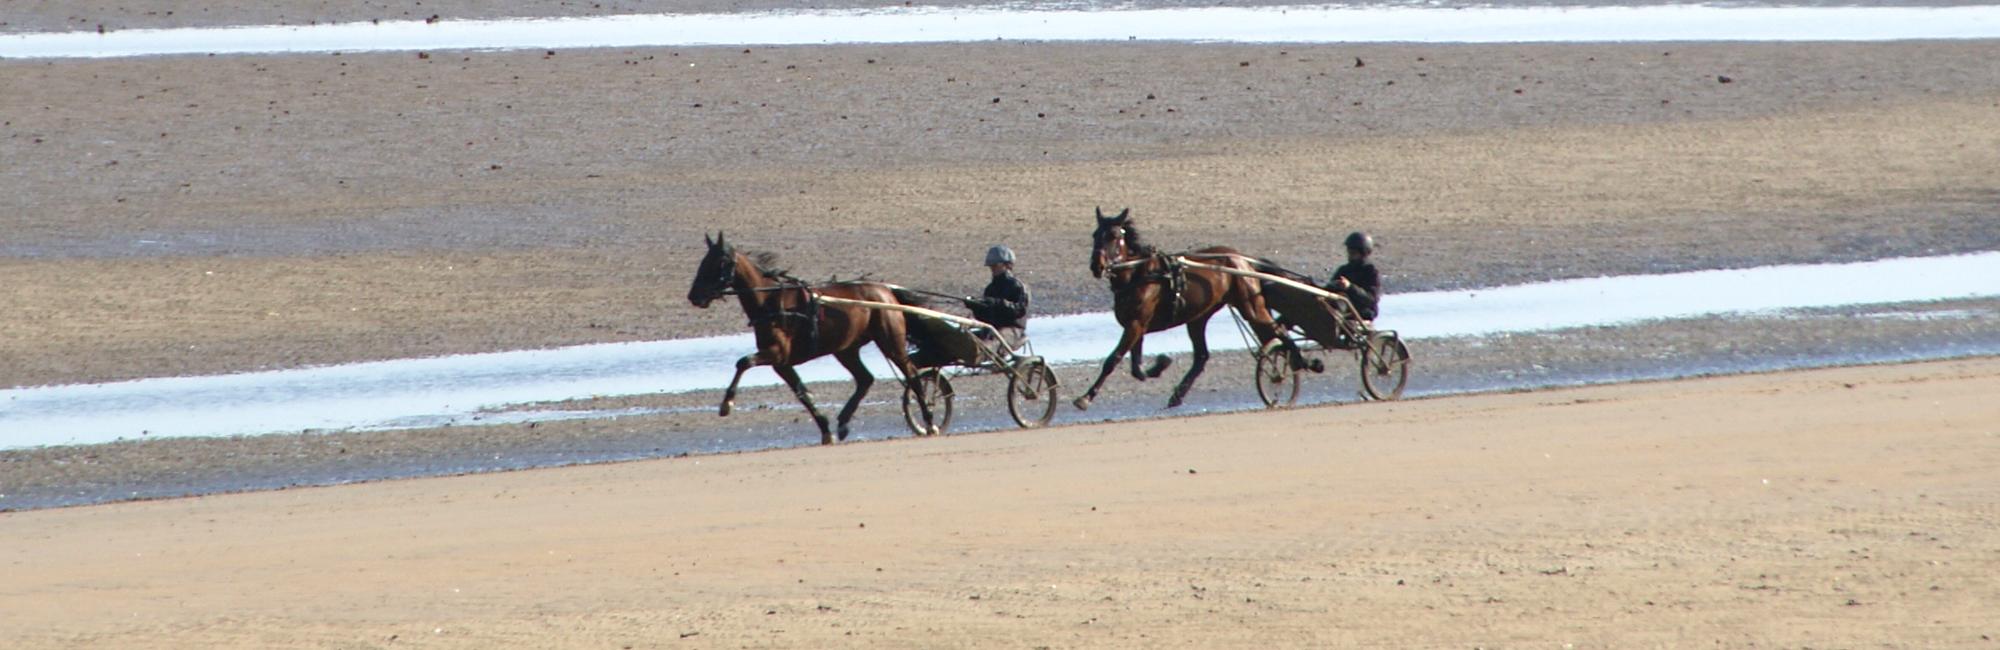 Sainte Marie du Mont chevaux sur la plage